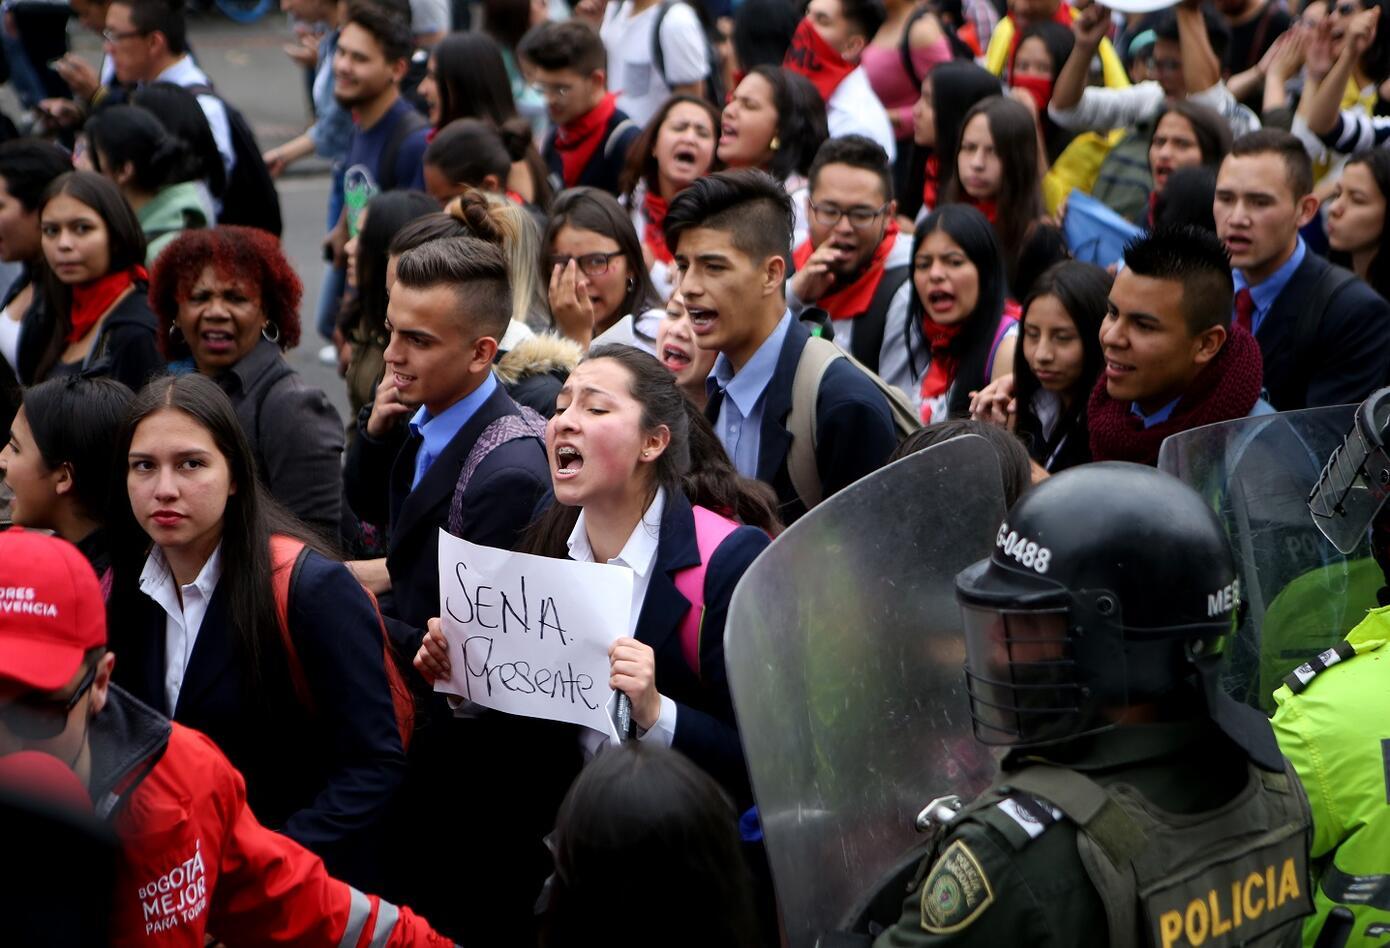 Estudiantes del Sena también se unieron a las manifestaciones en la que participaron más de ocho universidades de la capital.